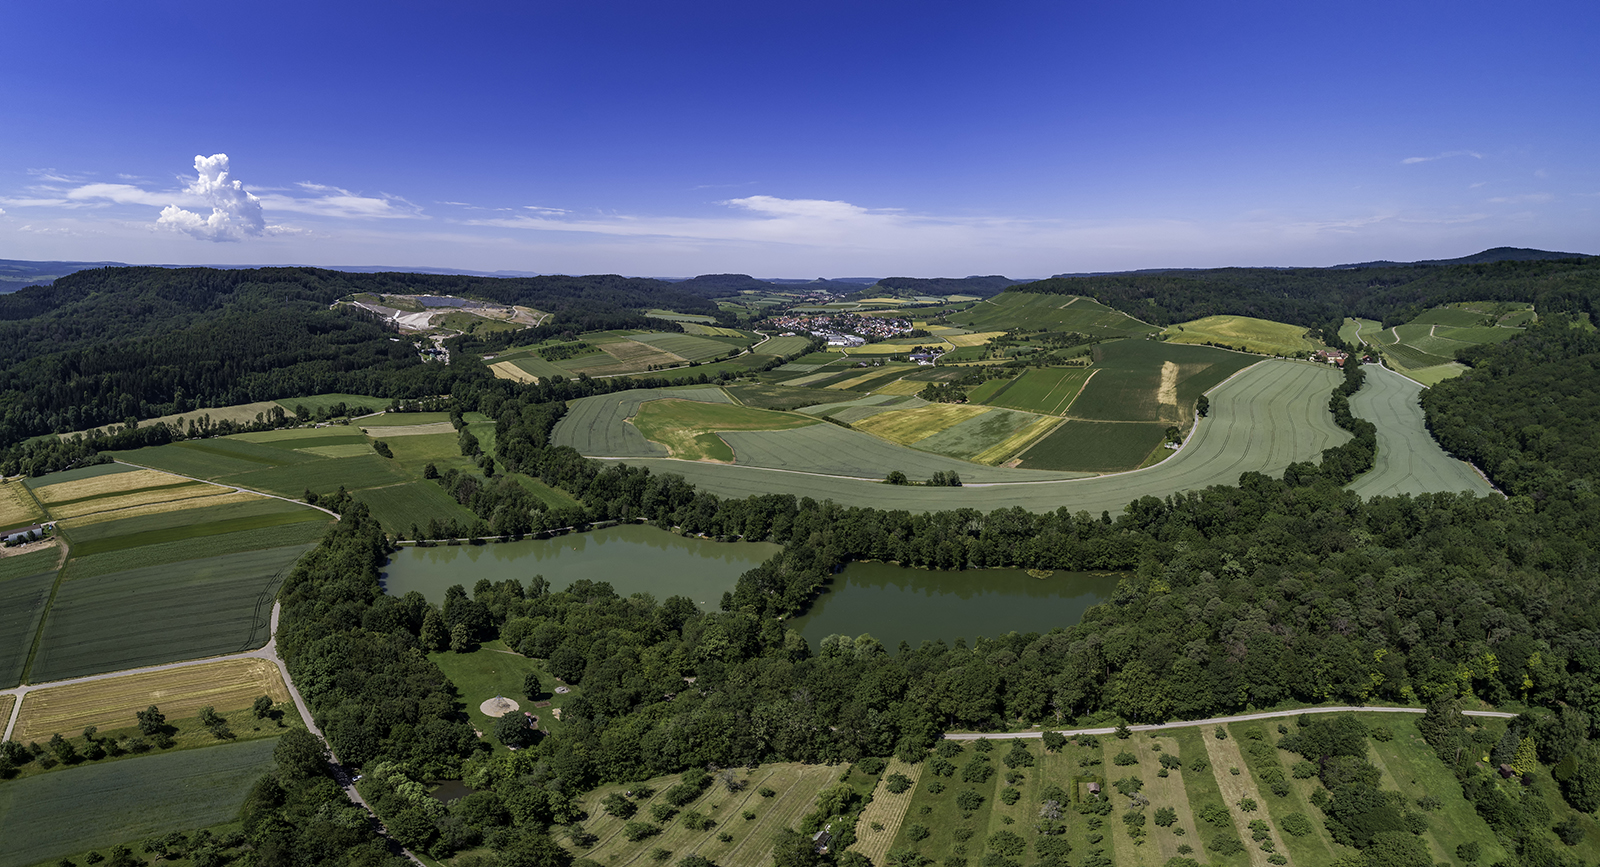 Seewaldseen in Vaihingen/Enz, Horrheim